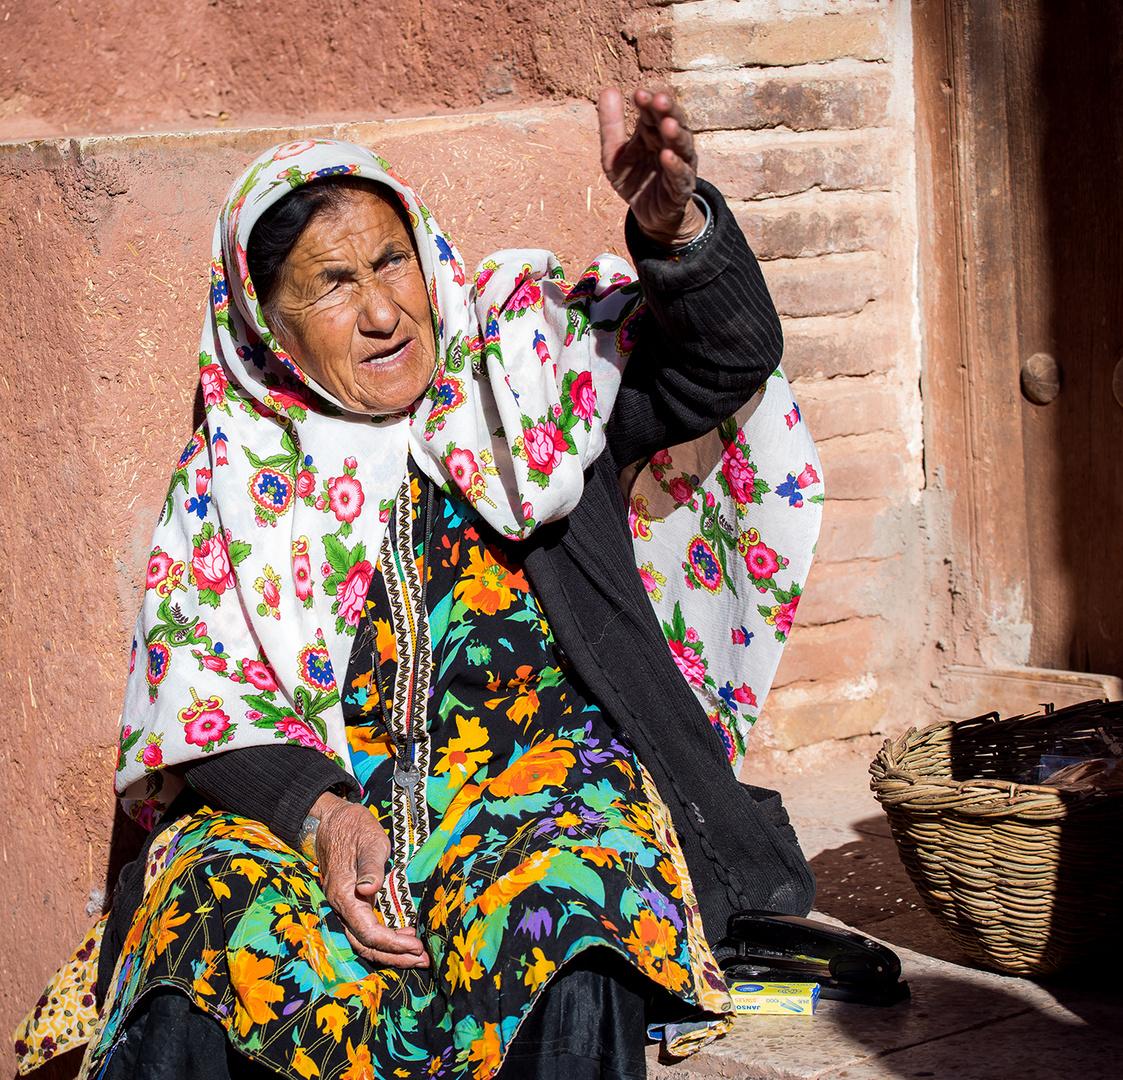 Frau in Abyaneh